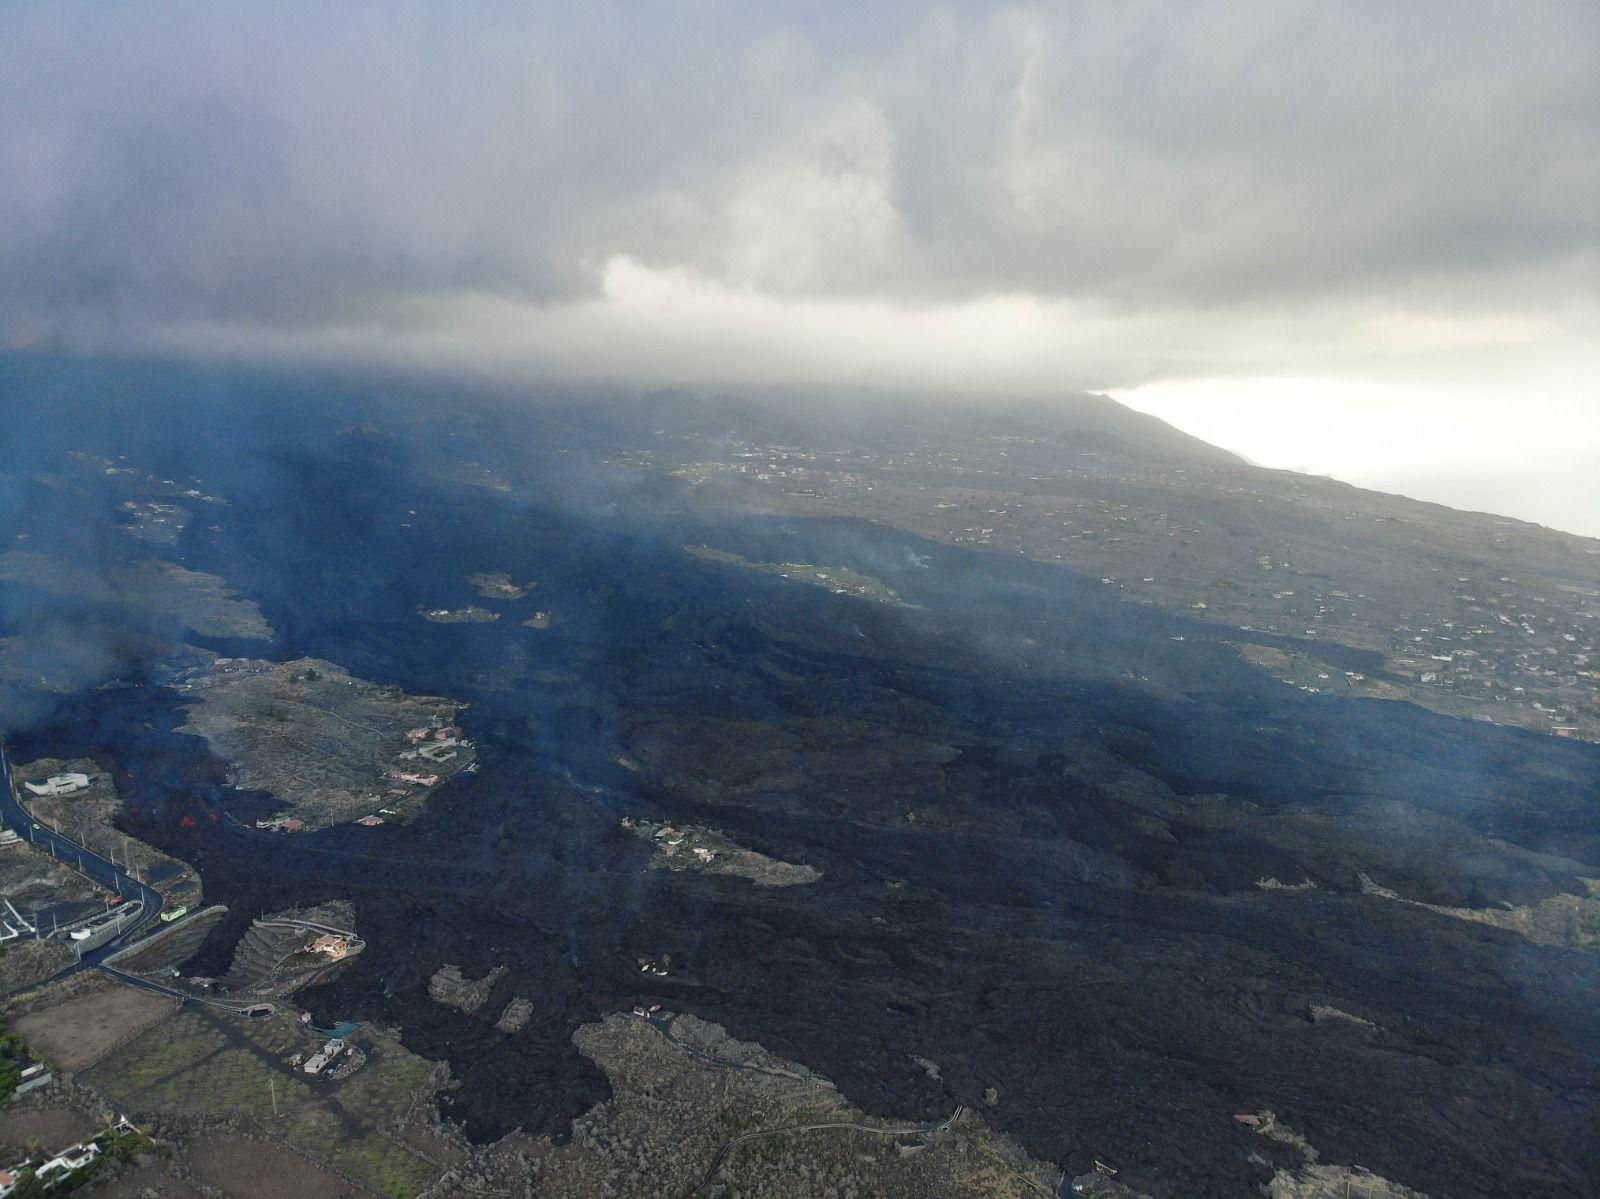 Avance de la colada del volcán hacia el mar esta mañana de lunes